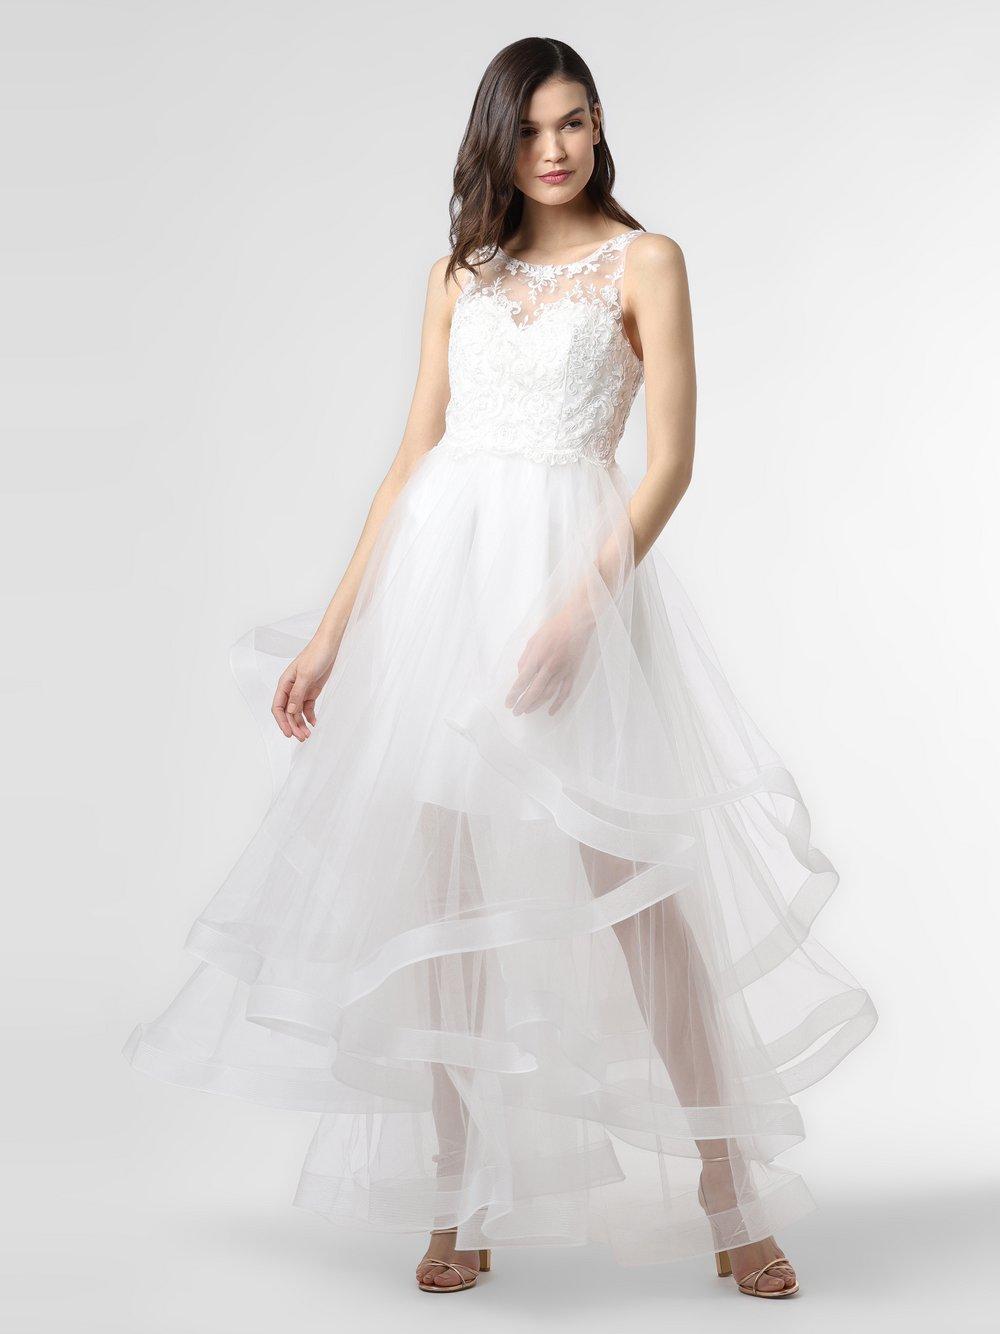 Laona - Damska sukienka wieczorowa, biały